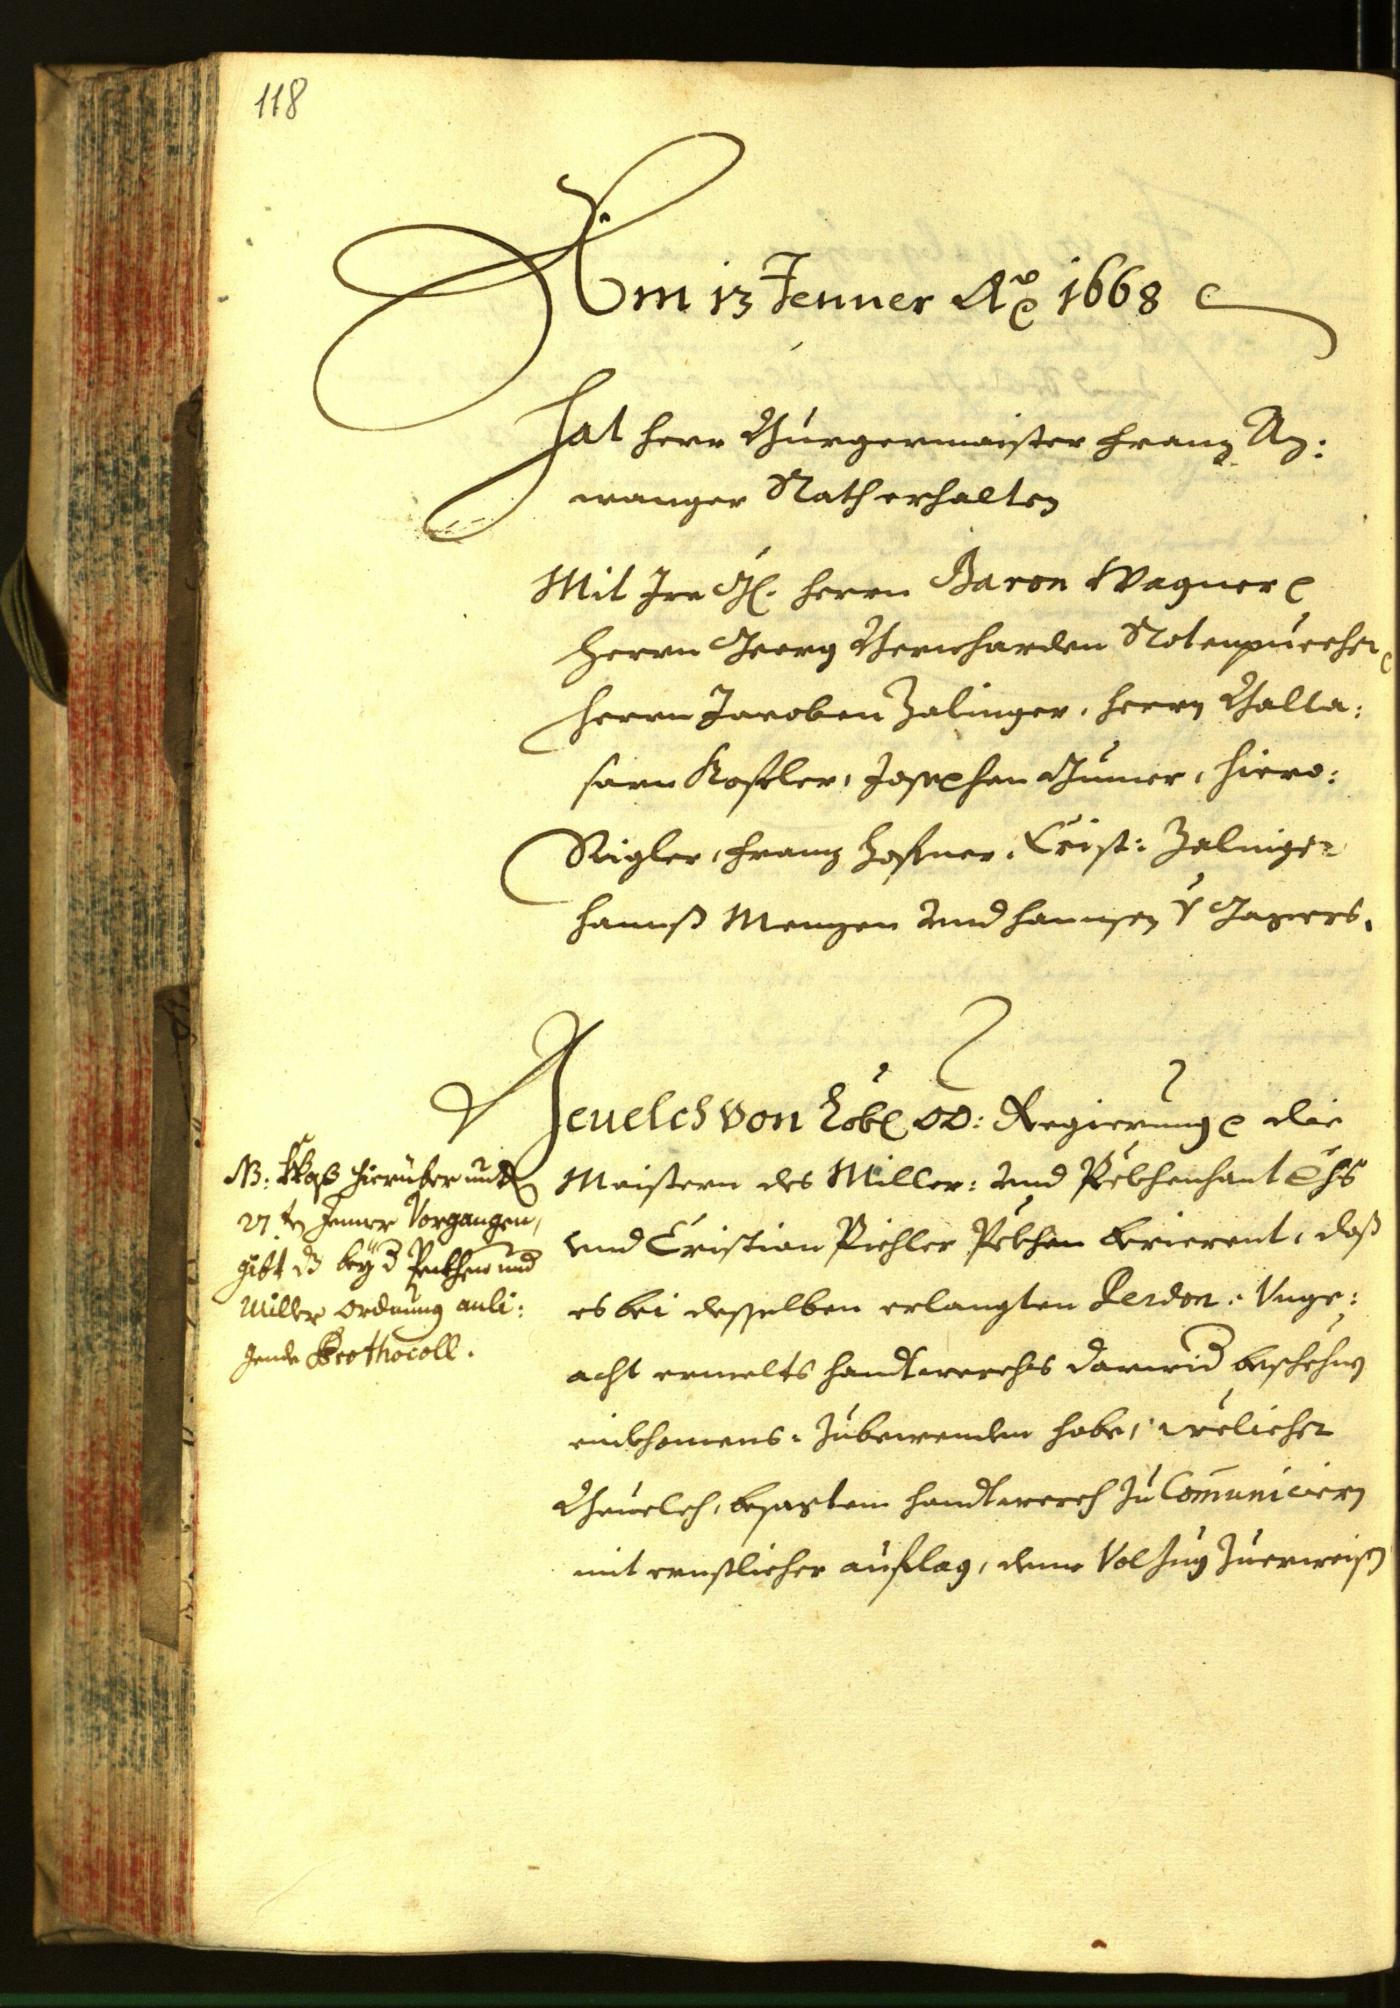 Archivio Storico della Città di Bolzano - BOhisto protocollo consiliare 1668